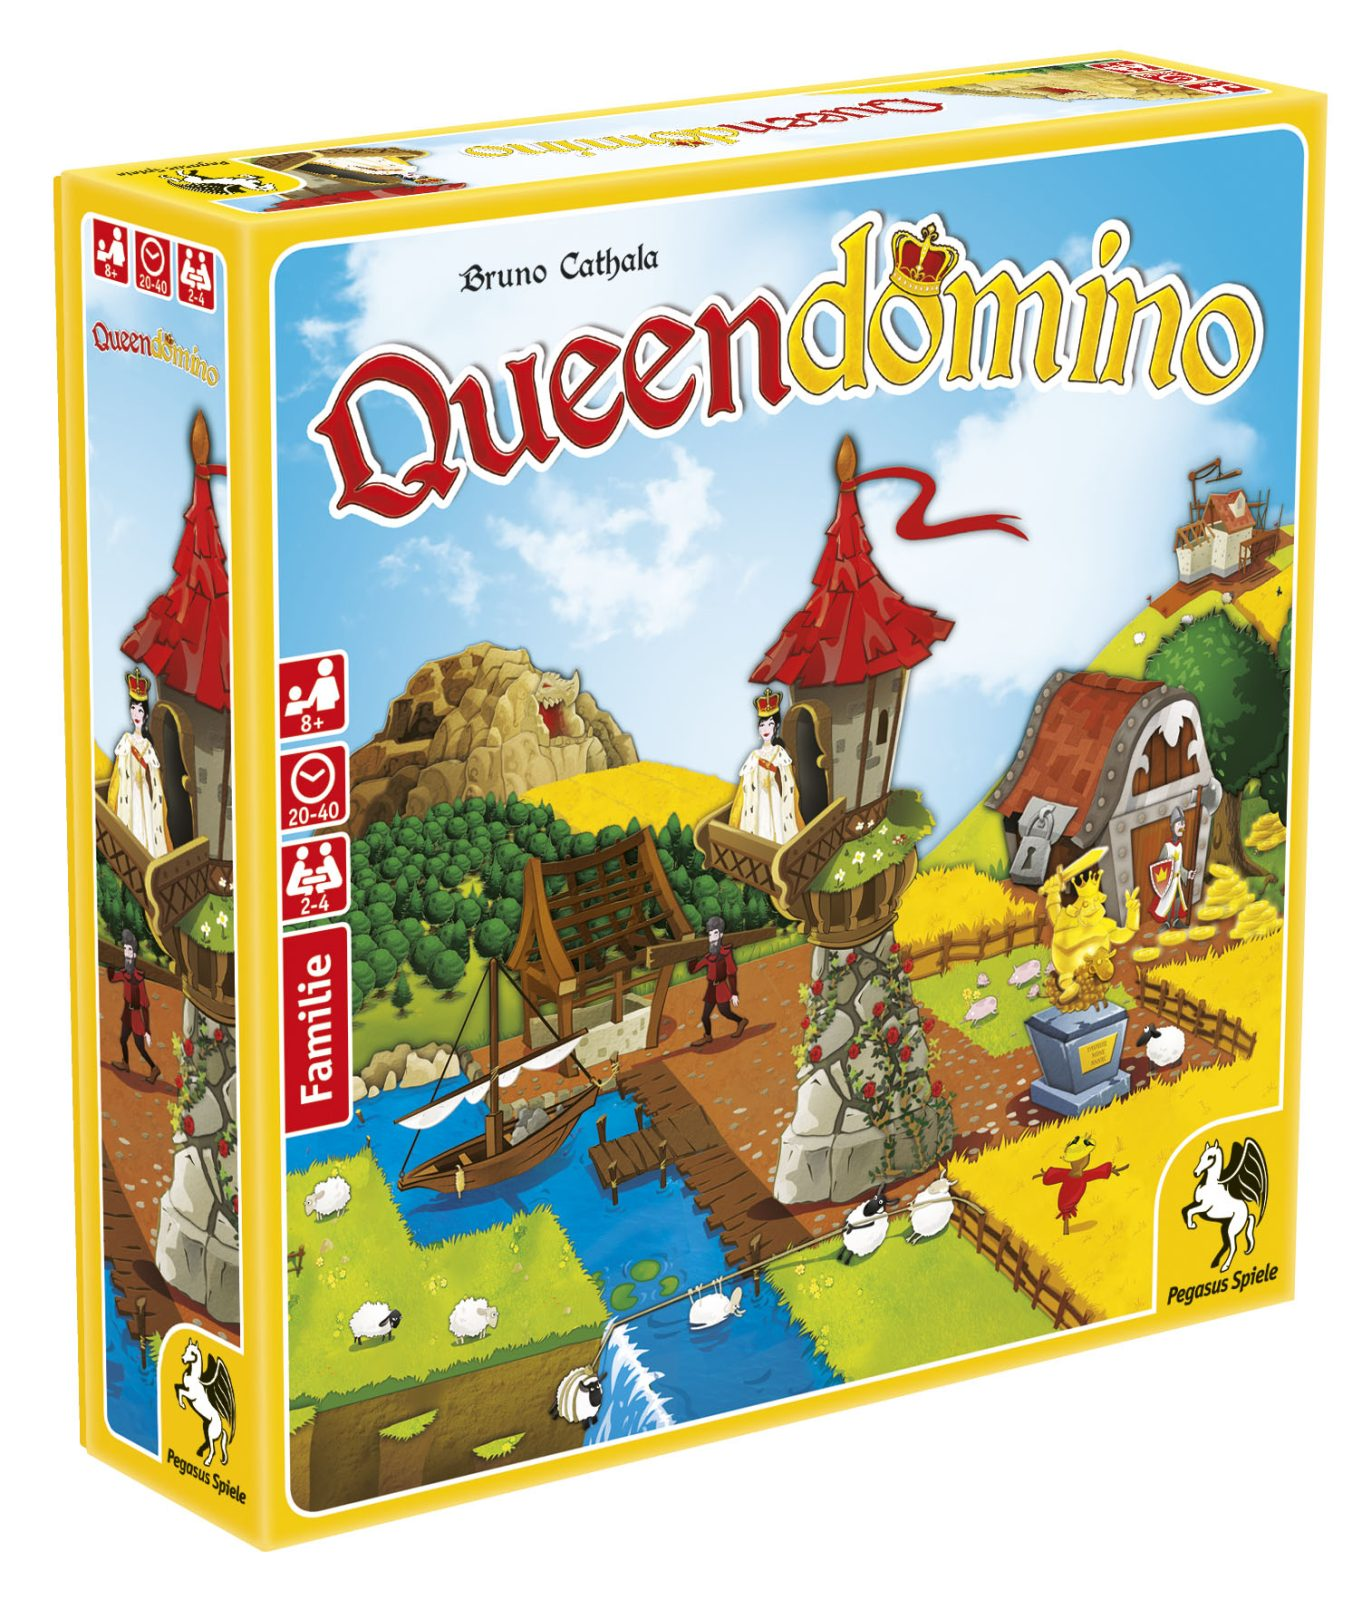 Queendomino - Box schräg